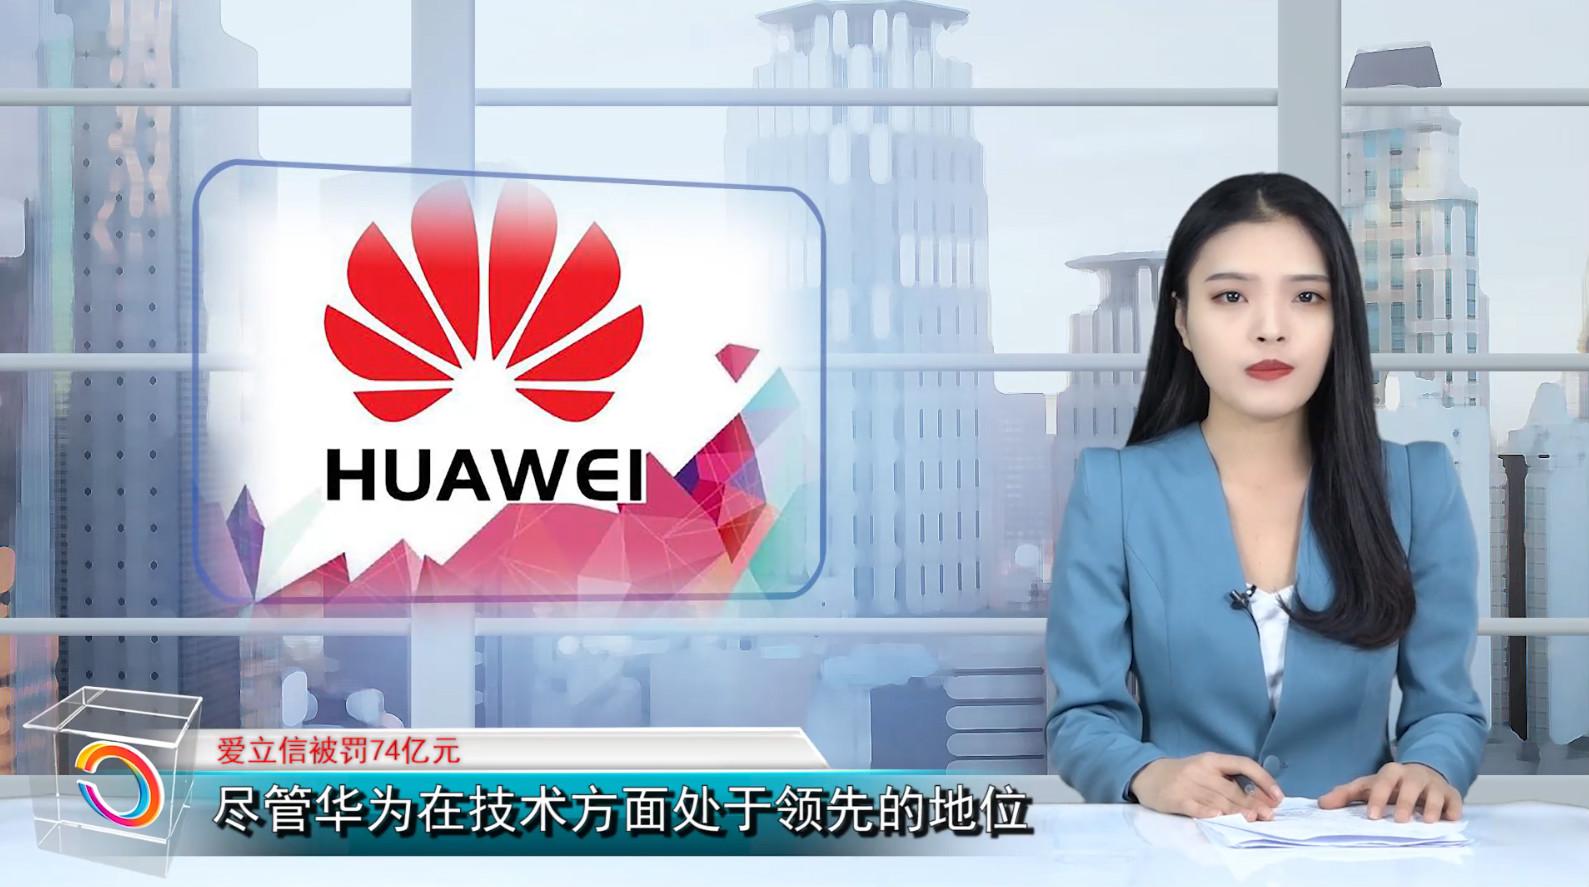 华为5G大敌爱立信被罚74亿元,两者差距进一步加大